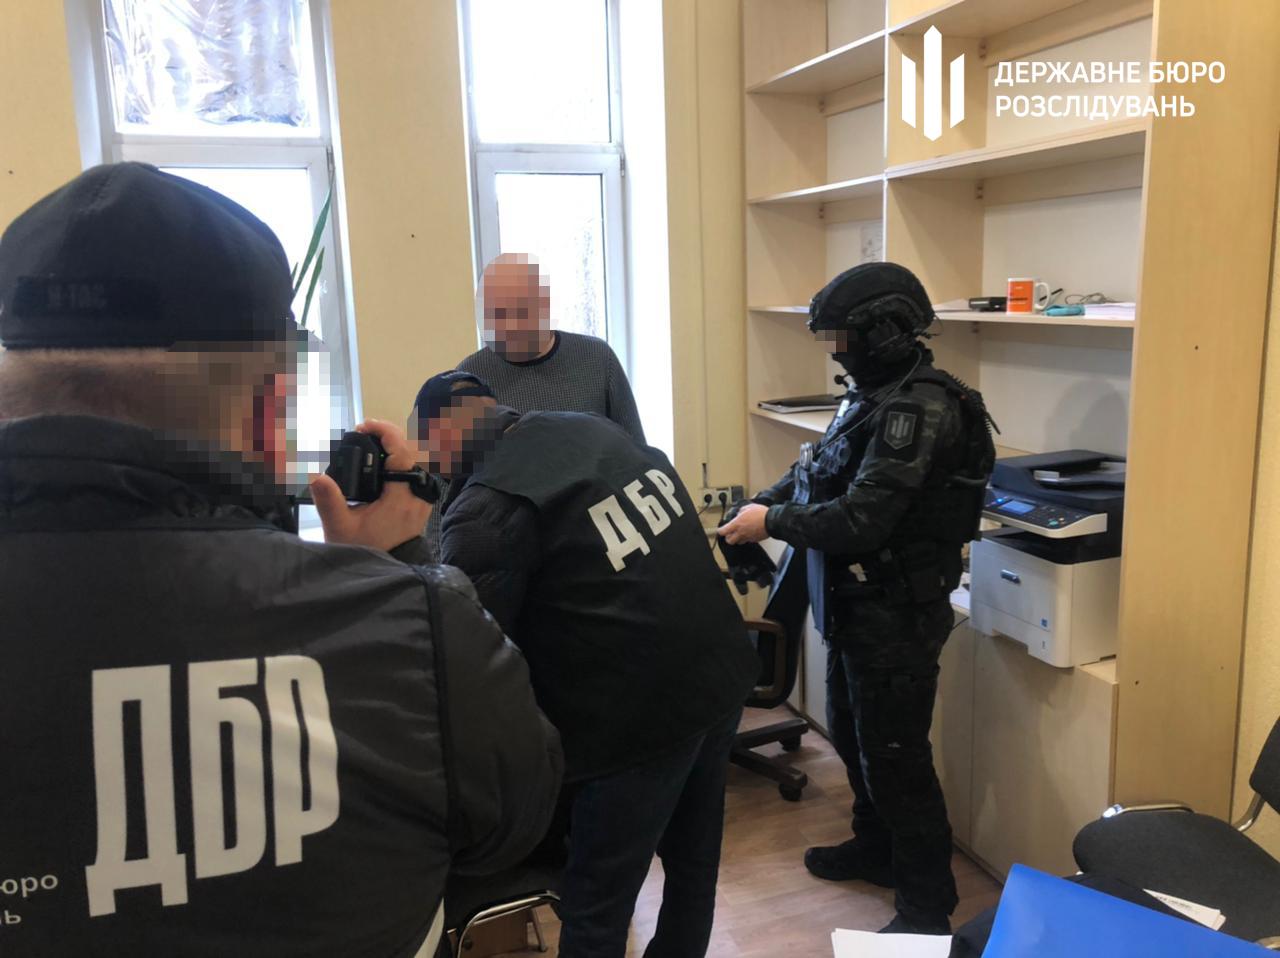 Сотрудника ГУ ГФС в Харьковской области задержали при получении взятки